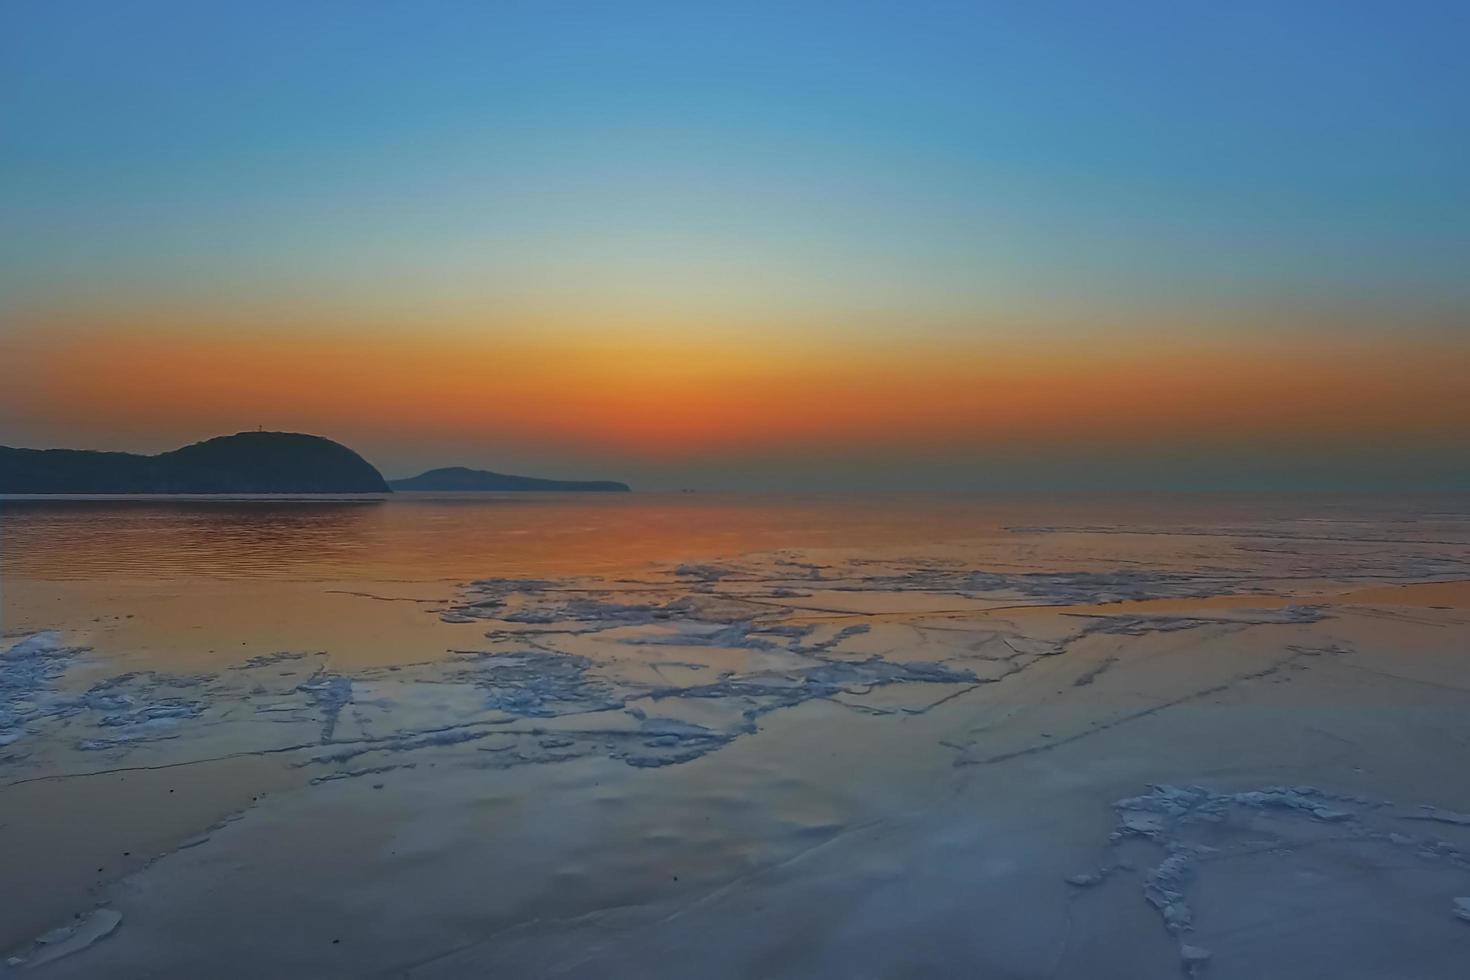 Seelandschaft mit buntem orangefarbenem Sonnenuntergang und Bergen mit Eisschollen im Meer in Wladiwostok, Russland foto